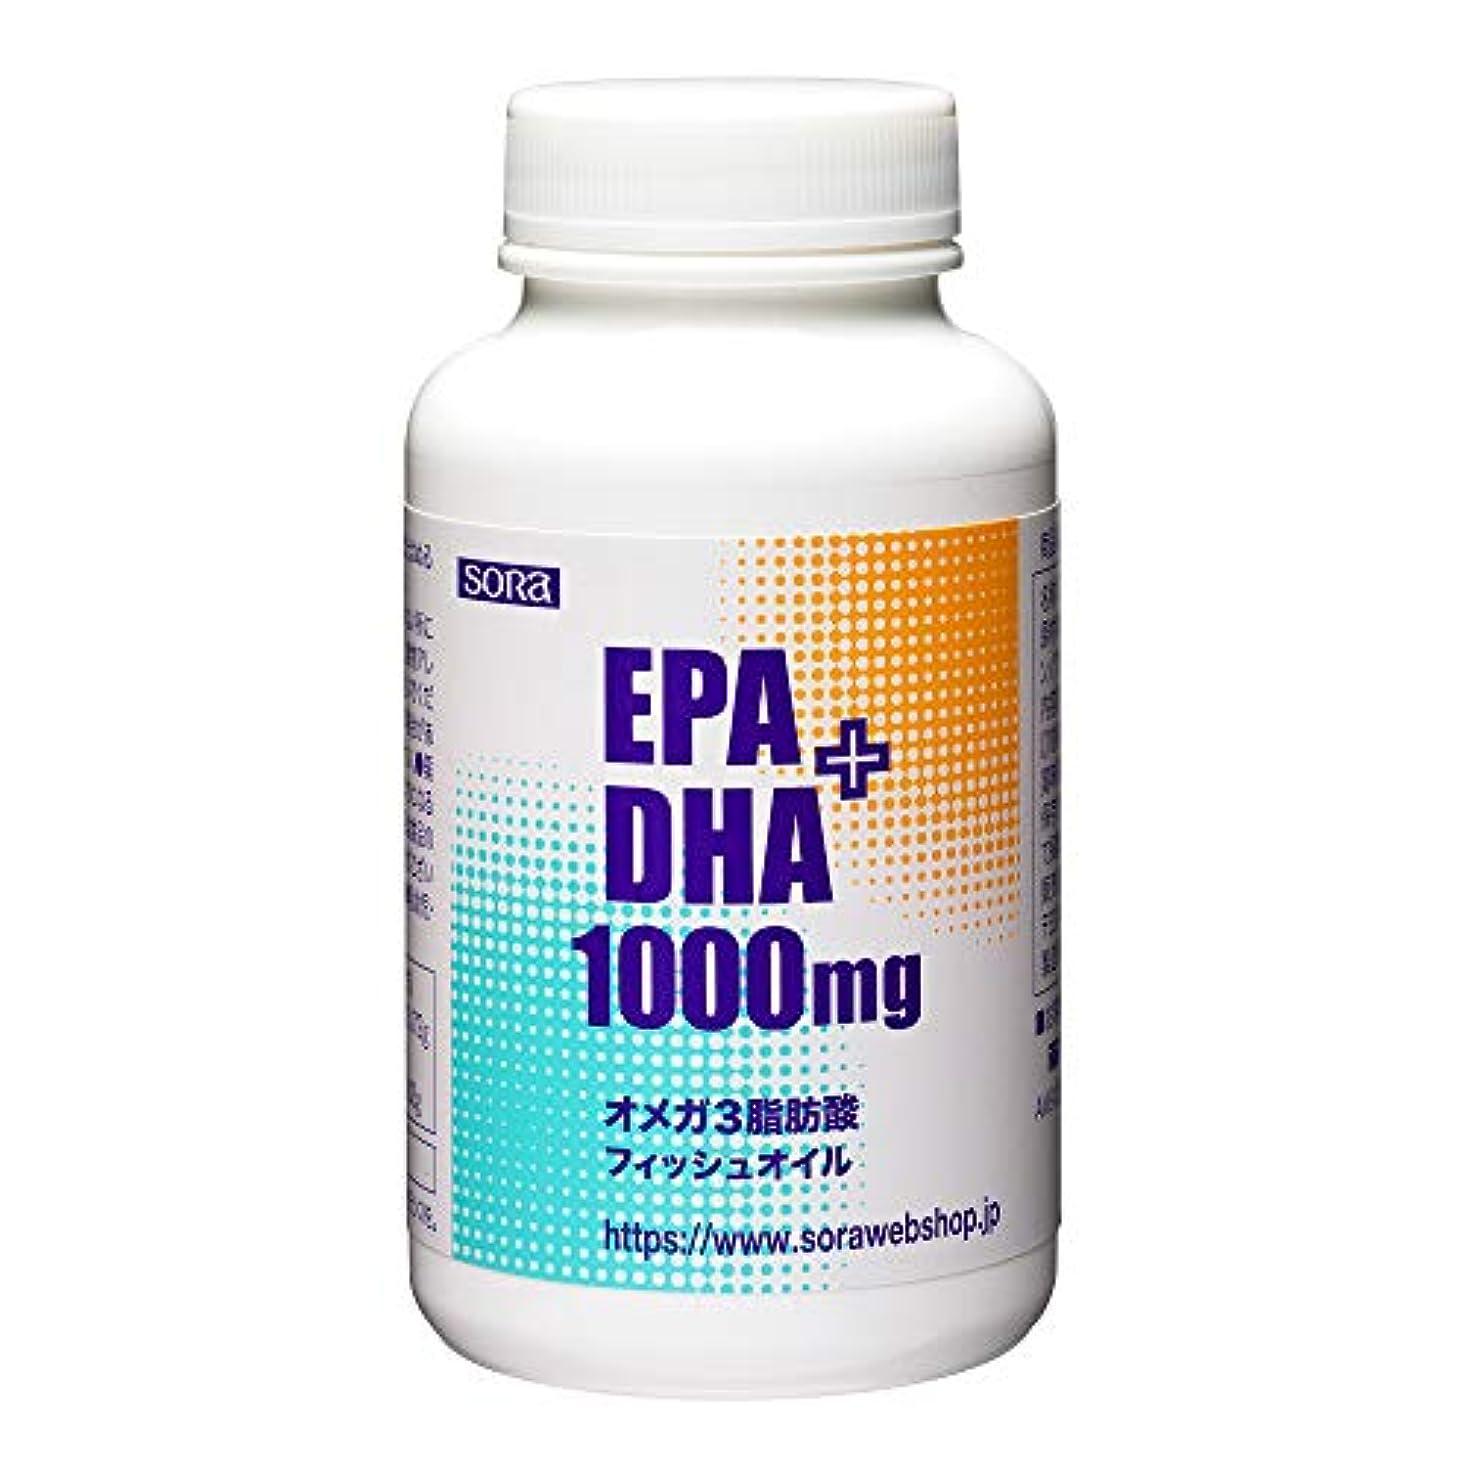 私達ノーブルレンダーそら EPA+DHA 1000mg (魚のオイル オメガ3 180粒入)